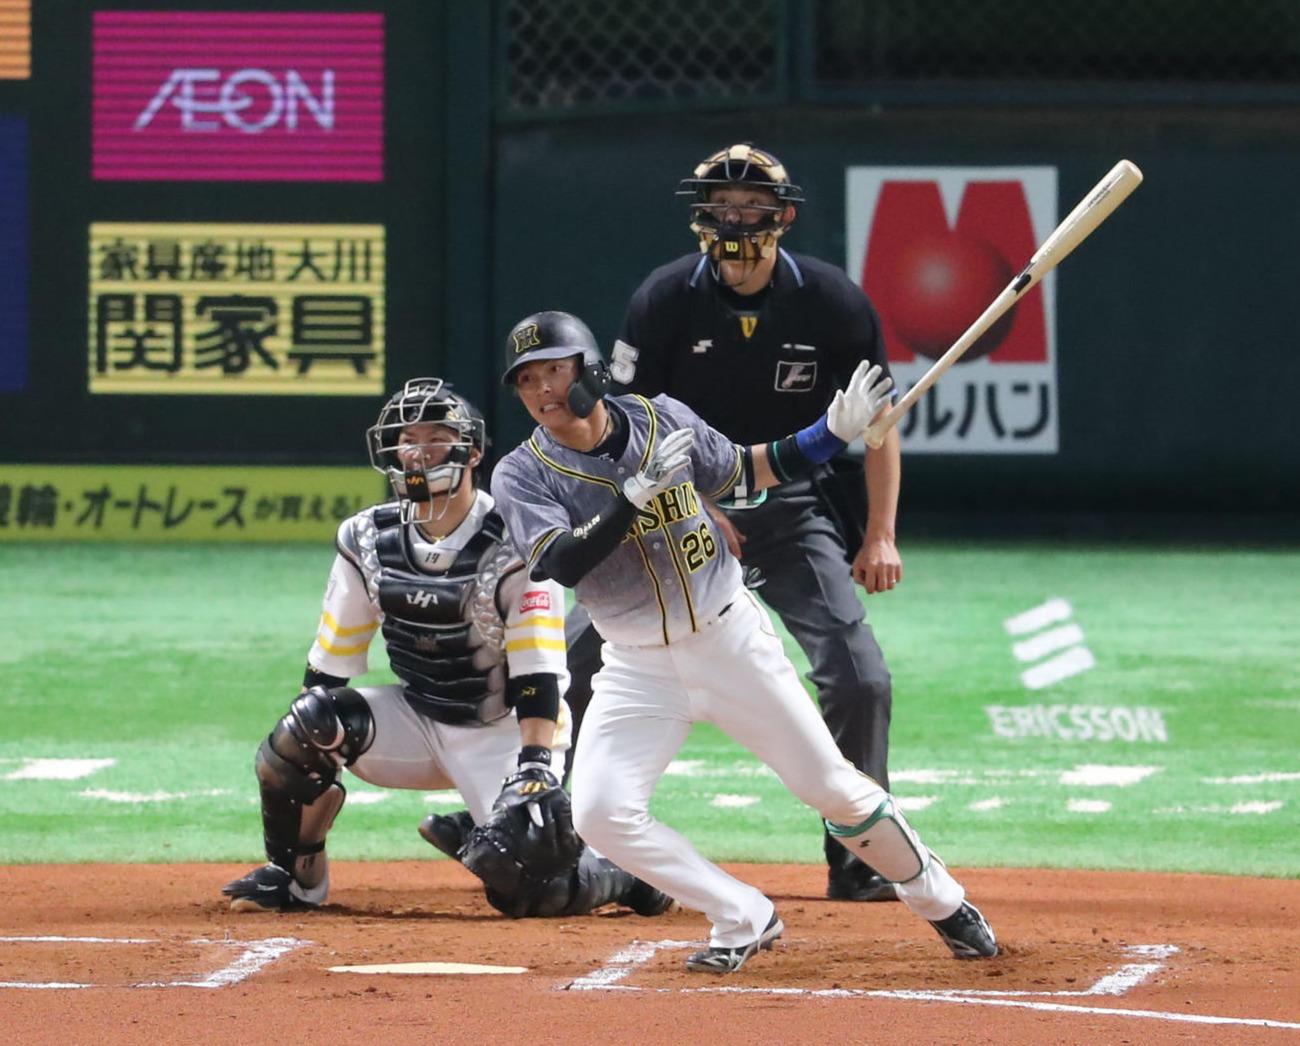 ソフトバンク対阪神 6回表阪神2死一塁、北條史也は右越えに適時二塁打を放つ(撮影・梅根麻紀)